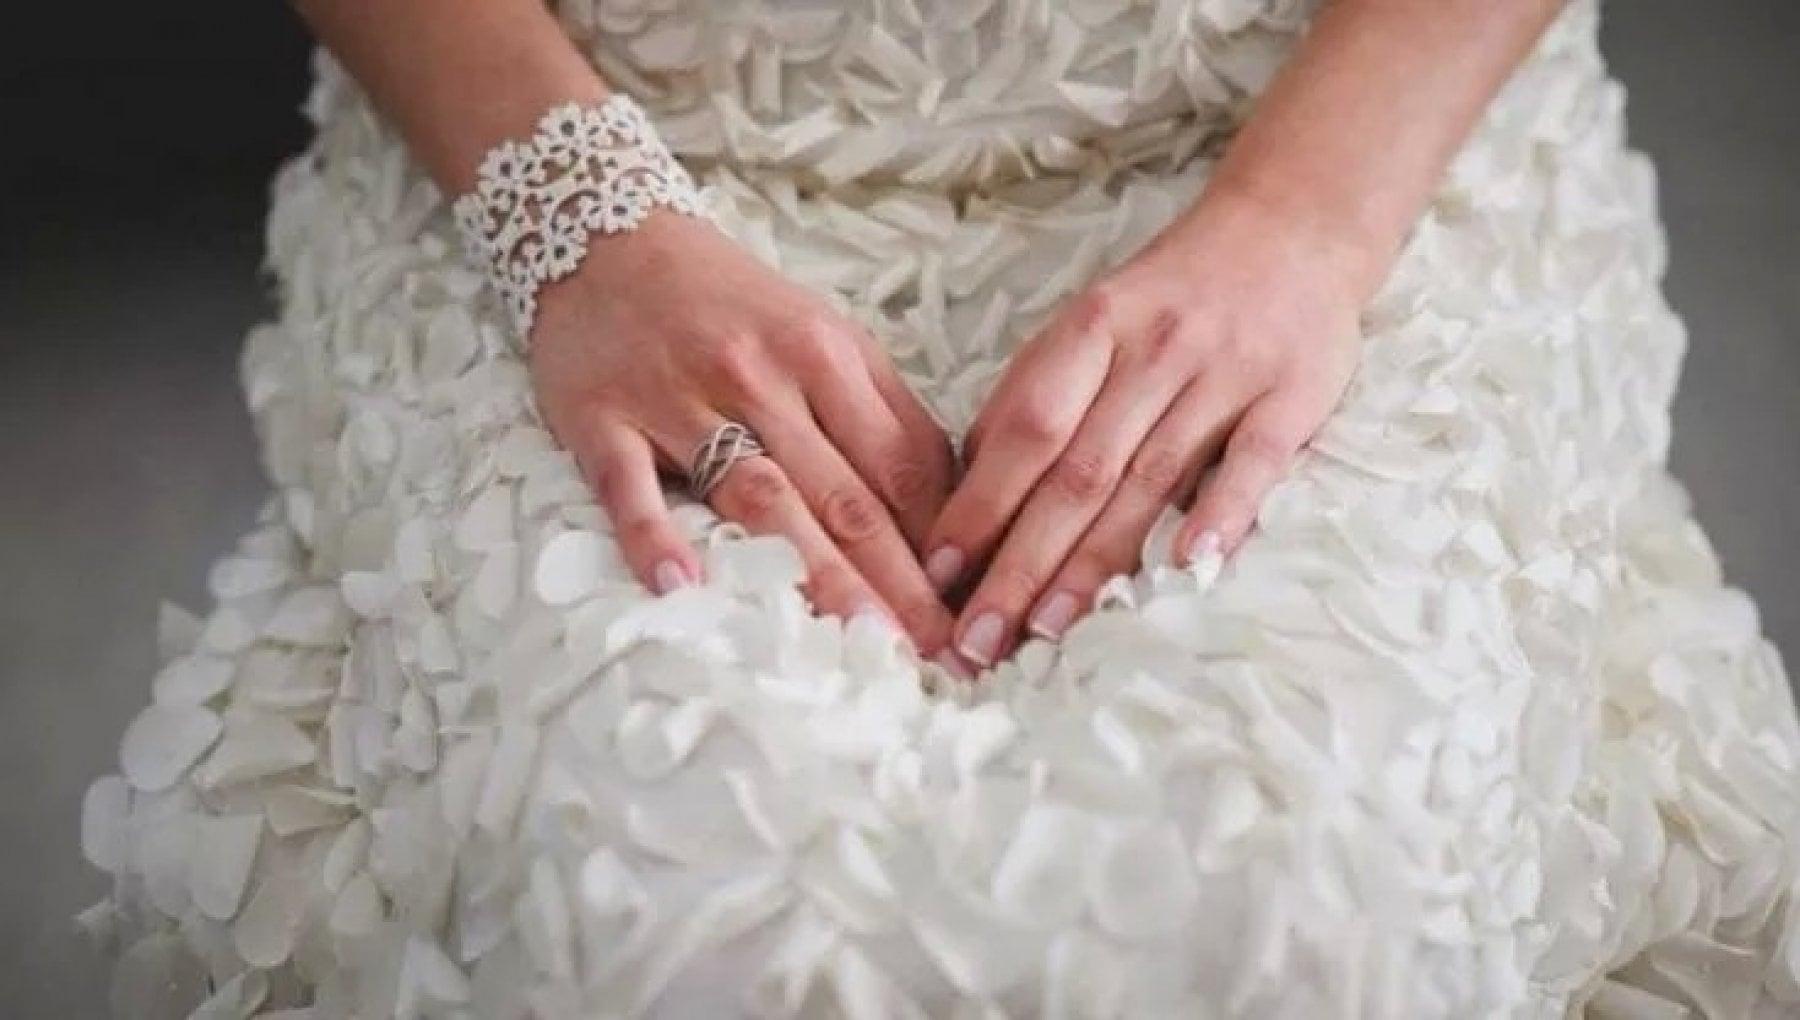 142254105 d8aabdc8 80d9 47ca a51e d3e0771ccba3 - Green pass, ecco le ultime regole per i matrimoni: niente obbligo per bambini e organizzatori